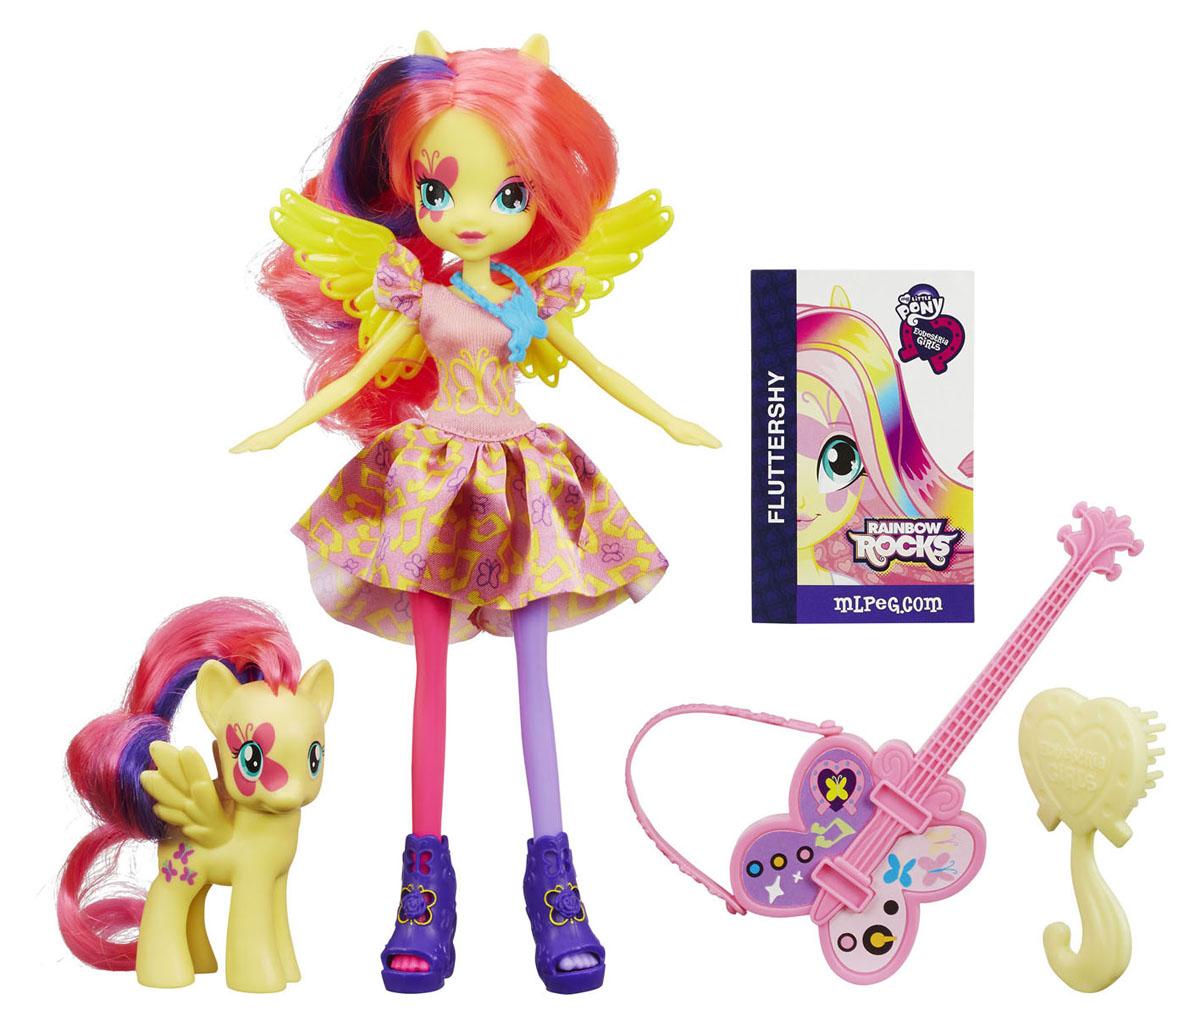 My Little Pony Игровой набор с куклой Флаттершай и пониA3996_A9886Куклы пони-девочки из мультфильма Equestria Girl (Девочки из Эквестрии) - это удивительные и очаровательные куклы, которых так давно ждали ценители маленьких пони. Кукла My Little Pony Equestria Girls: Fluttershy стильно одета и выглядит так, словно только что появилась прямиком из мультфильма. Кукла с длинными ярко-розовыми волосами с фиолетовой прядкой выполнена в виде девочки-пони Флаттершай. Ее эффектный образ создан специально для выступления на рок-концерте. Голова, руки и ноги Флаттершай подвижны, благодаря чему ей можно придавать различные позы. В комплект входят фигурка пони в виде Флаттершай с длинными гривой и хвостом, гитара на ремешке и расческа. Ваша малышка с удовольствием будет играть с этой куклой, каждый раз придумывая новые истории, а аксессуары сделают игру еще интереснее. Порадуйте ее таким замечательным подарком!